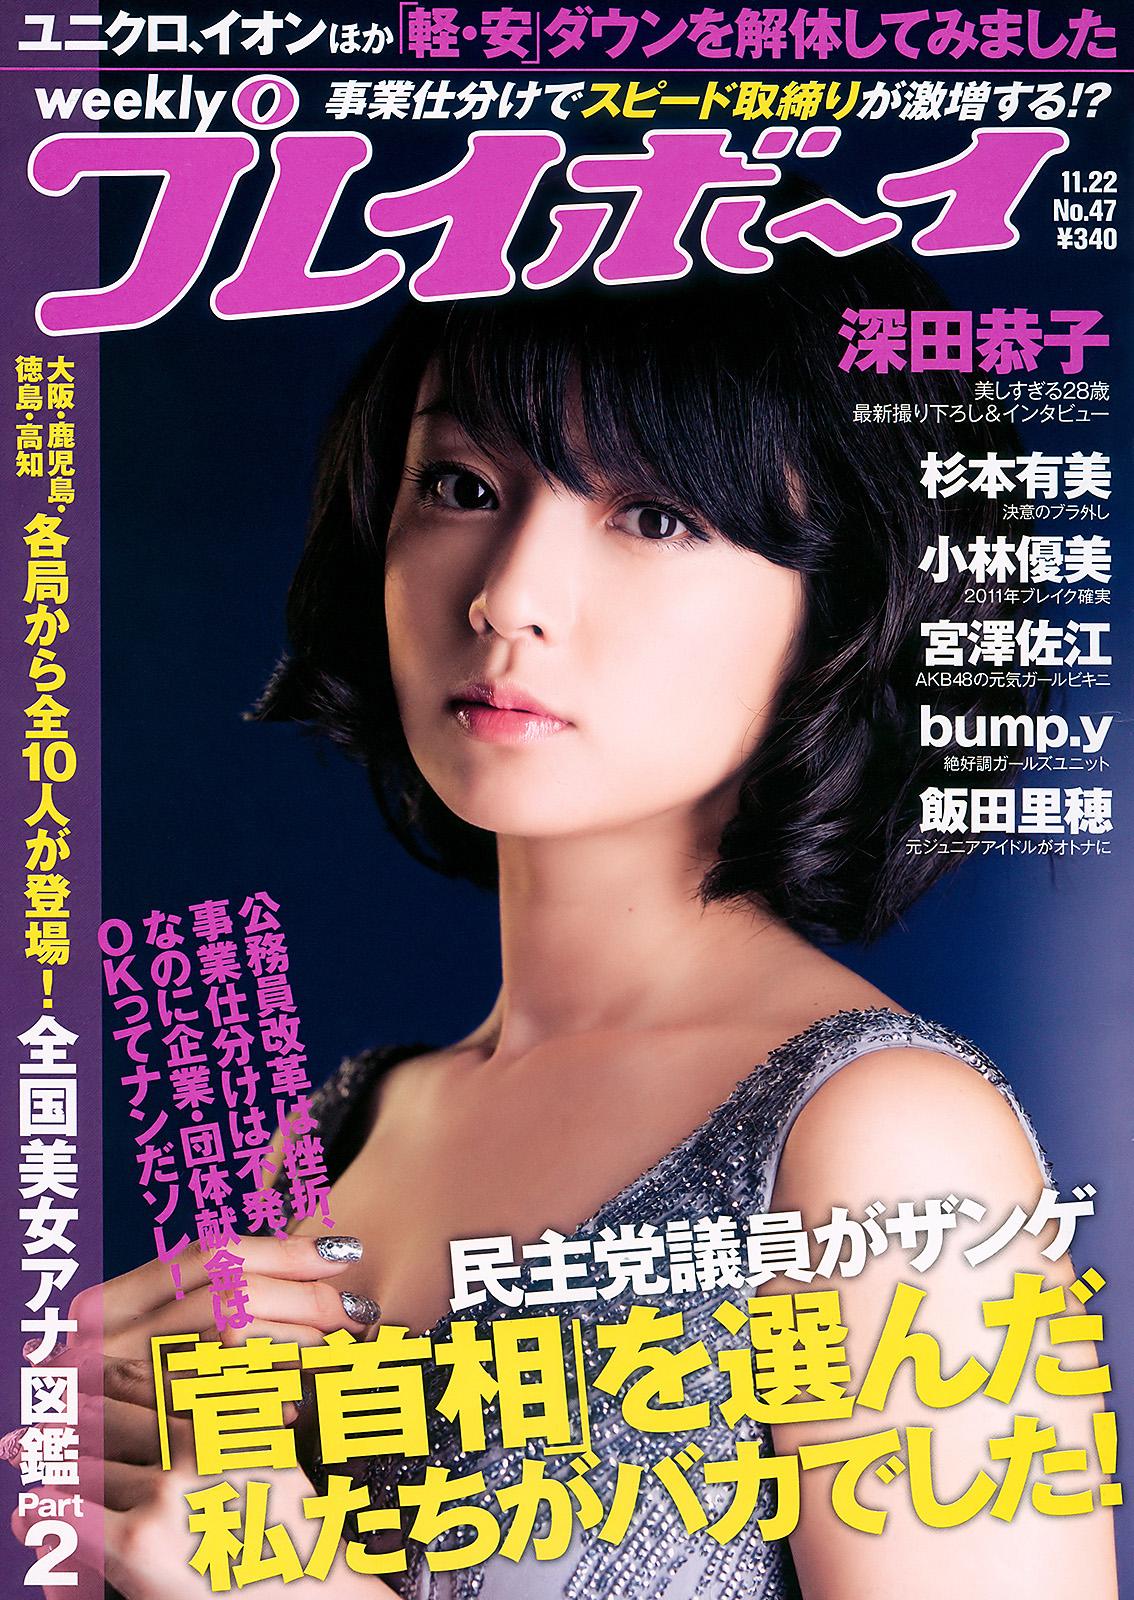 Weekly Playboy - 22 November 2010 (N° 47) - idols